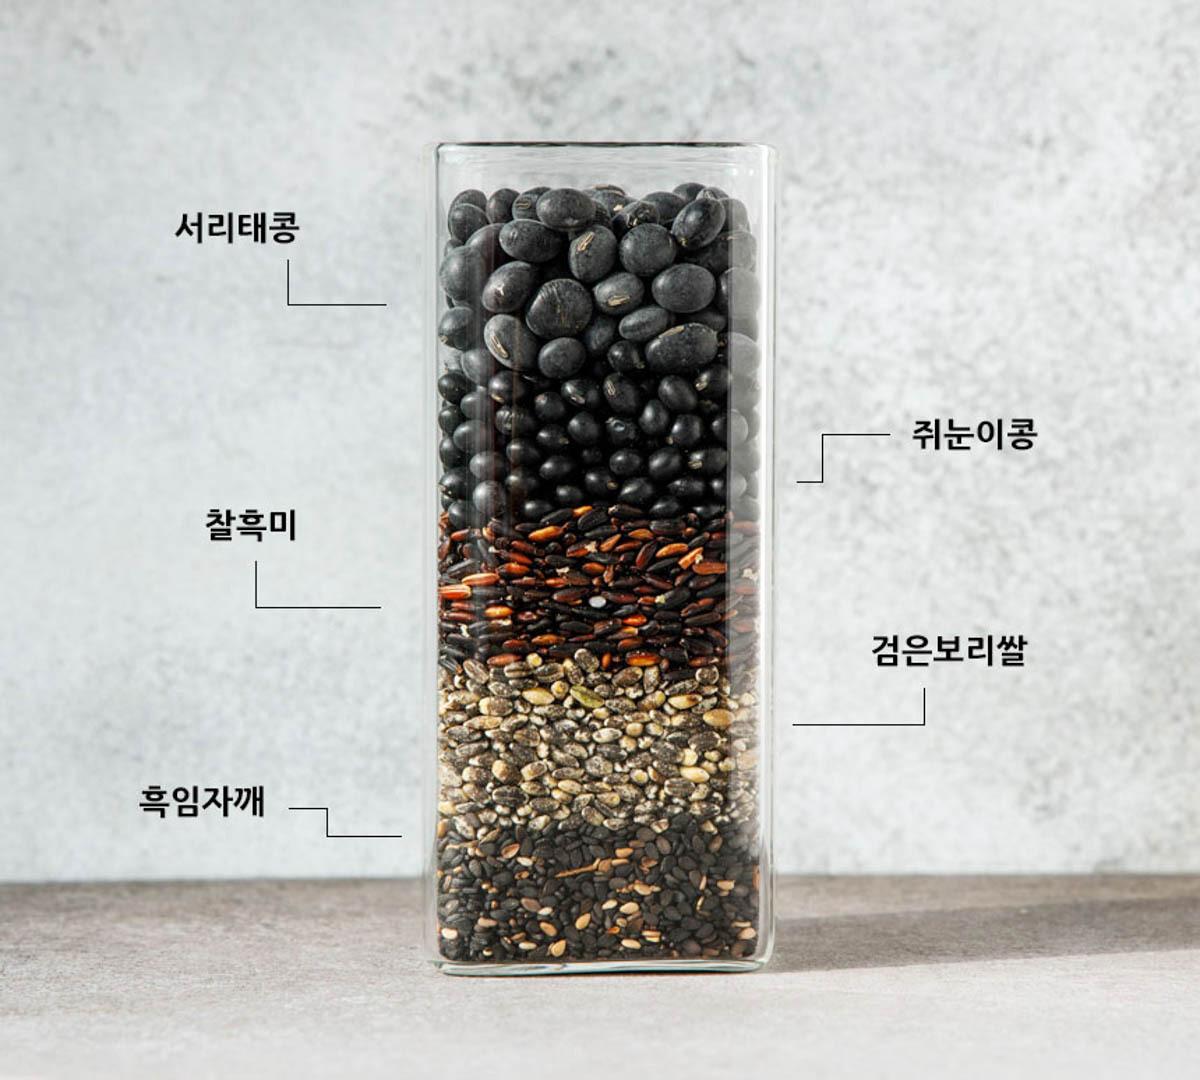 검은곡식미숫가루 재료 5가지를 유리잔에 담은 모습